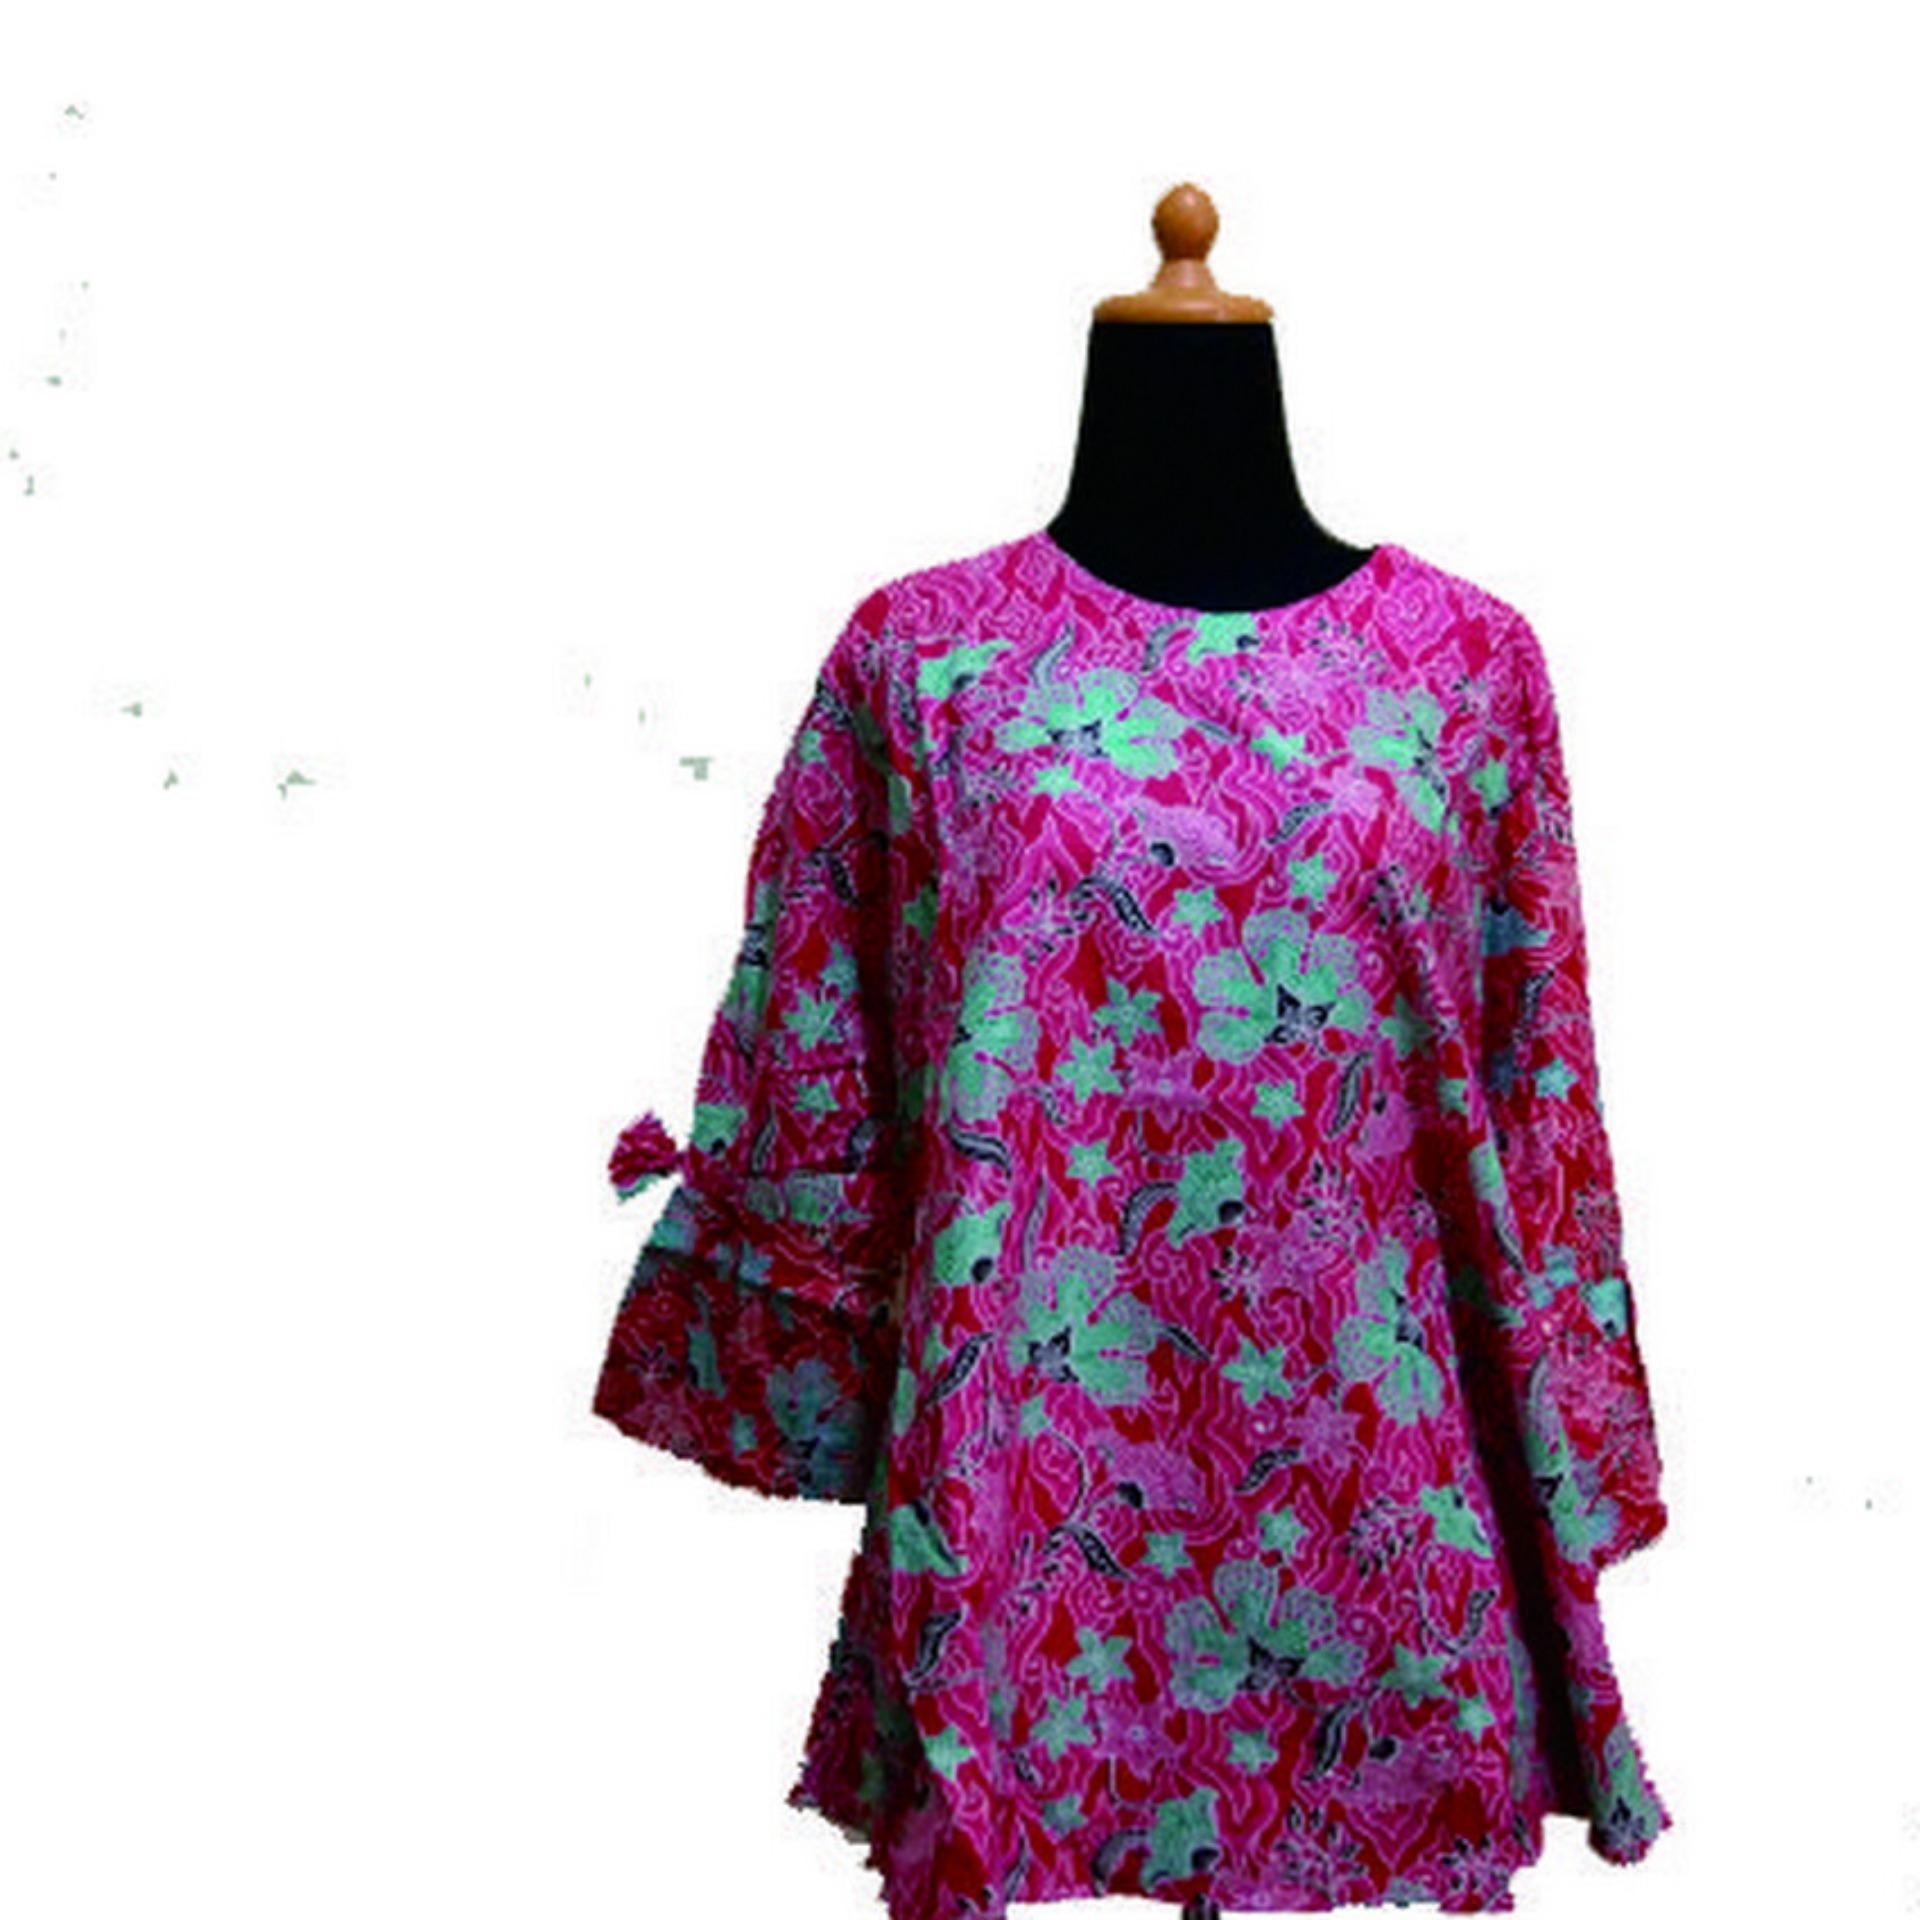 Harga Zarra Batik Baju Batik Wanita Lengan Panjang Multiwarna Termahal